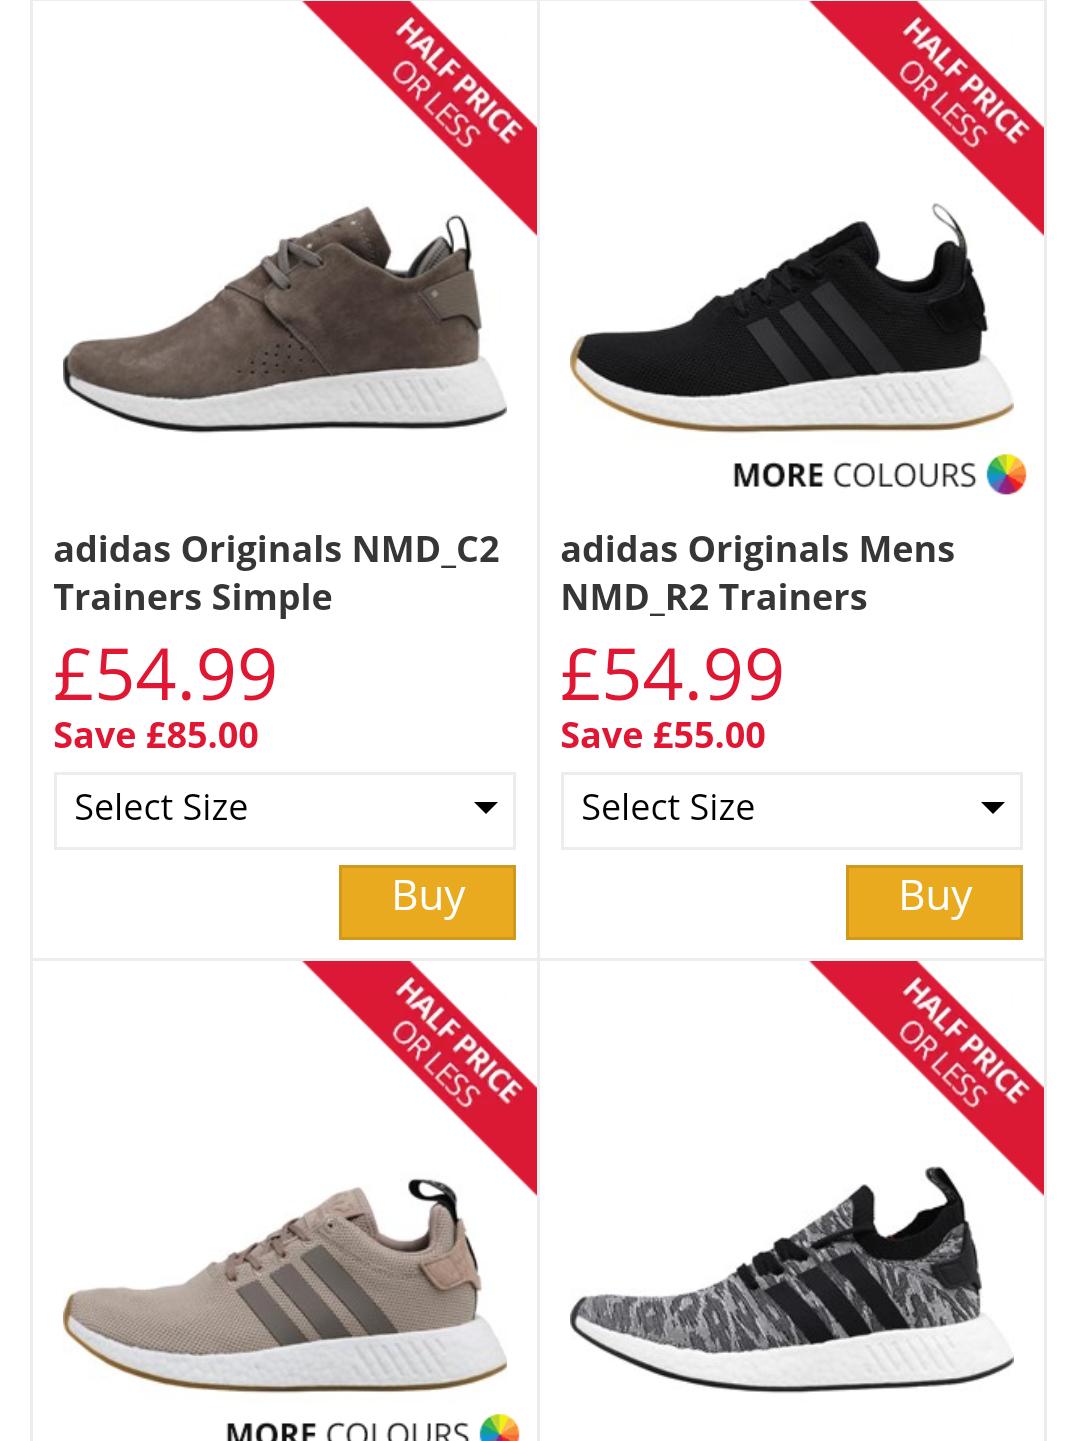 Adidas seria NMD, EQT i inne 30-70% taniej z Brytyjskiego outletu